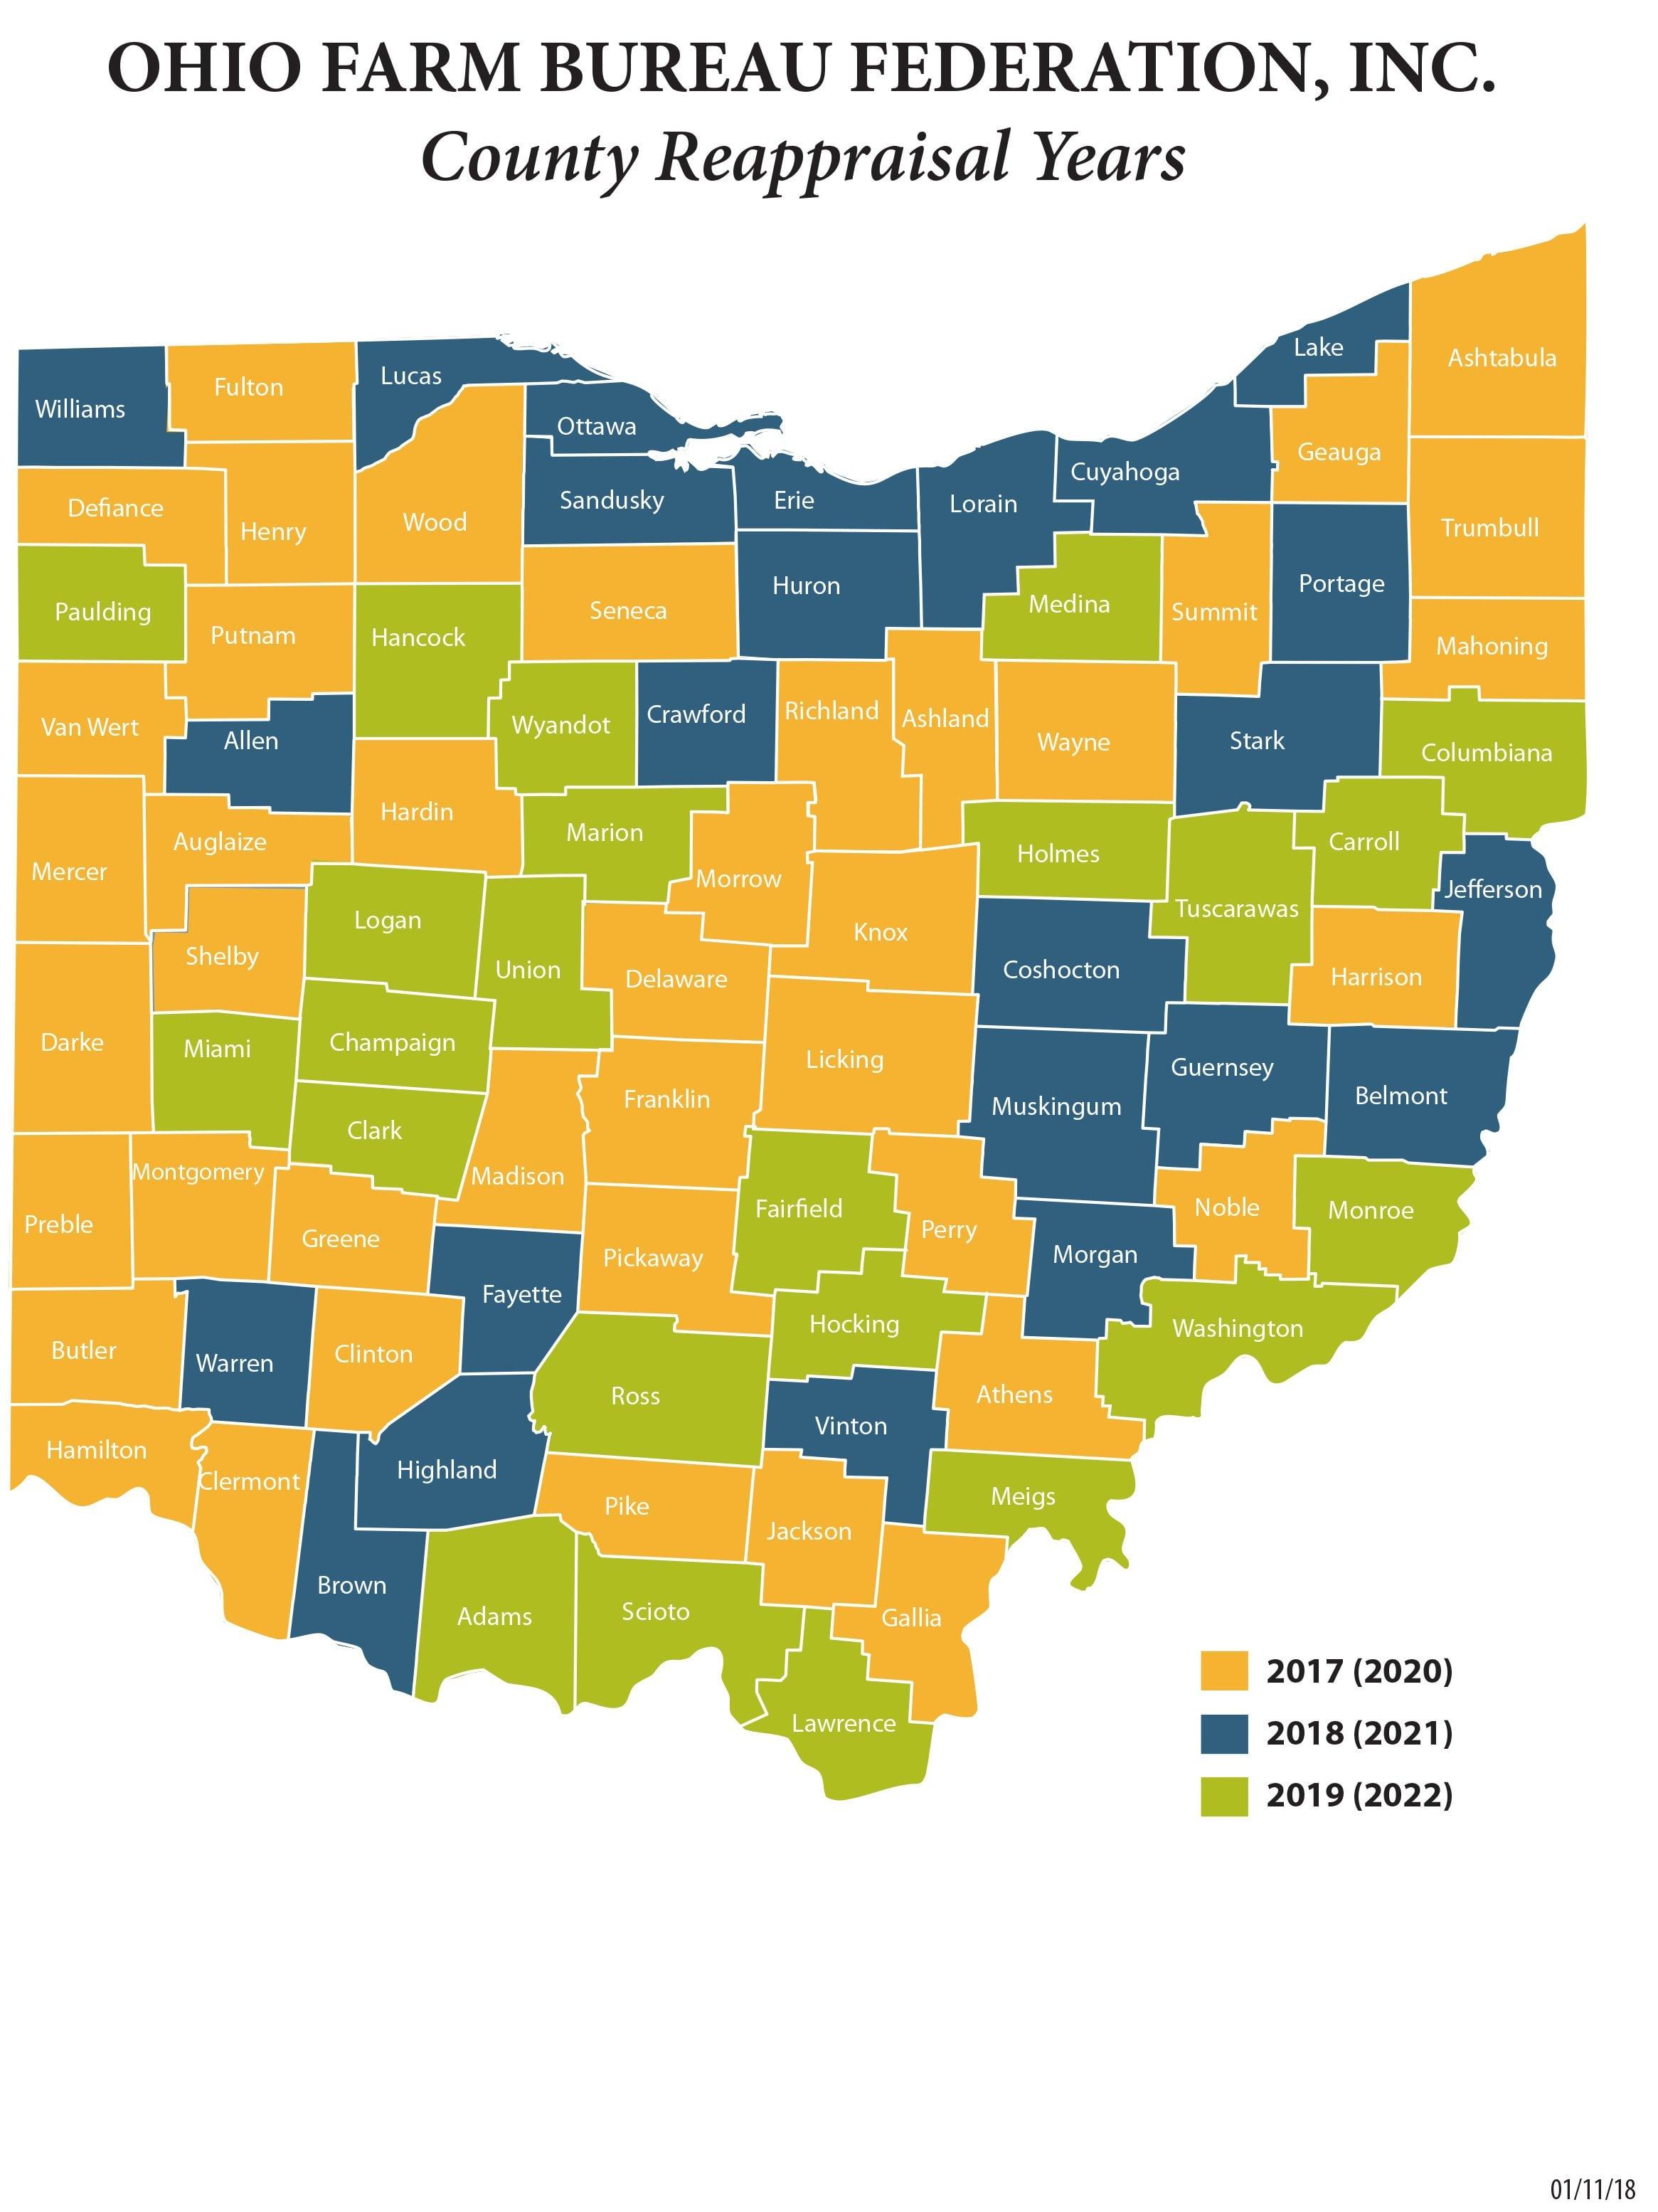 county-reappraisalmap-2018